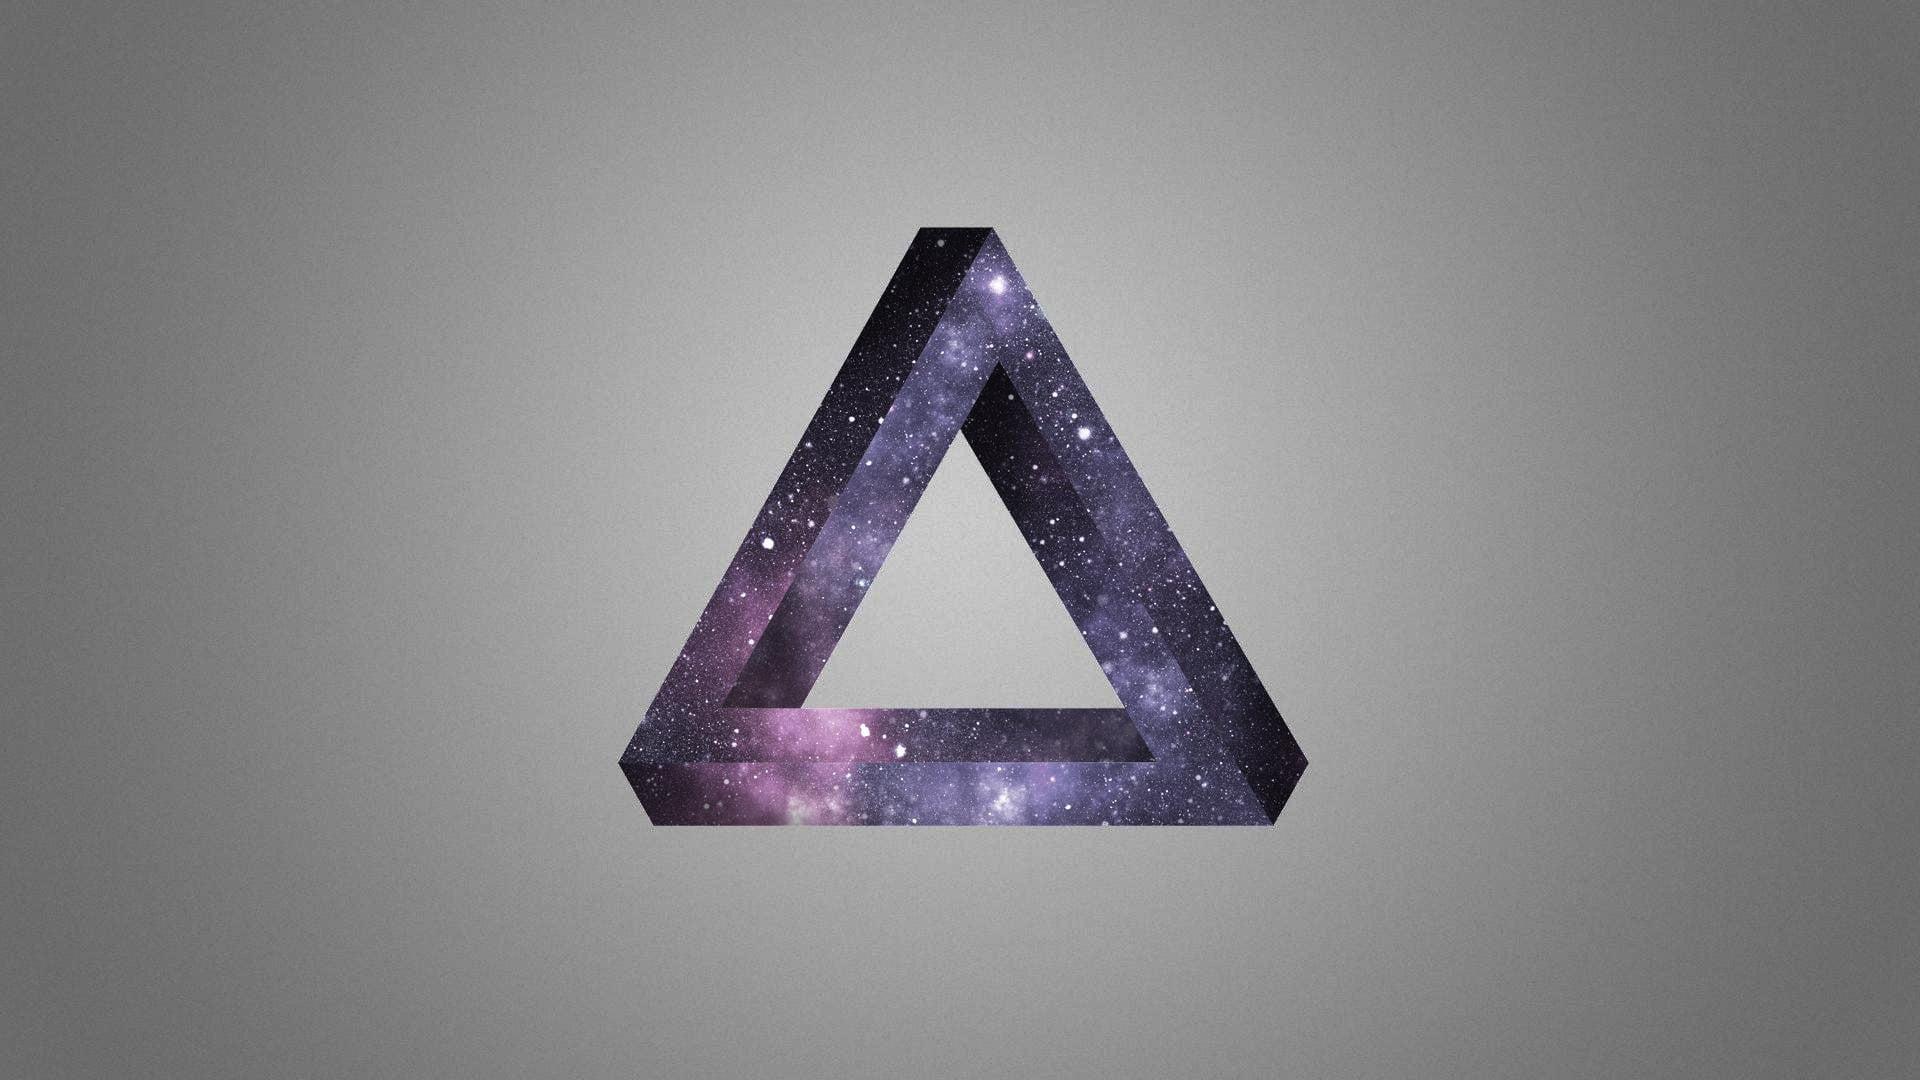 1920x1080 Tam giác màu tím thiên hà in trang trí hình nền HD